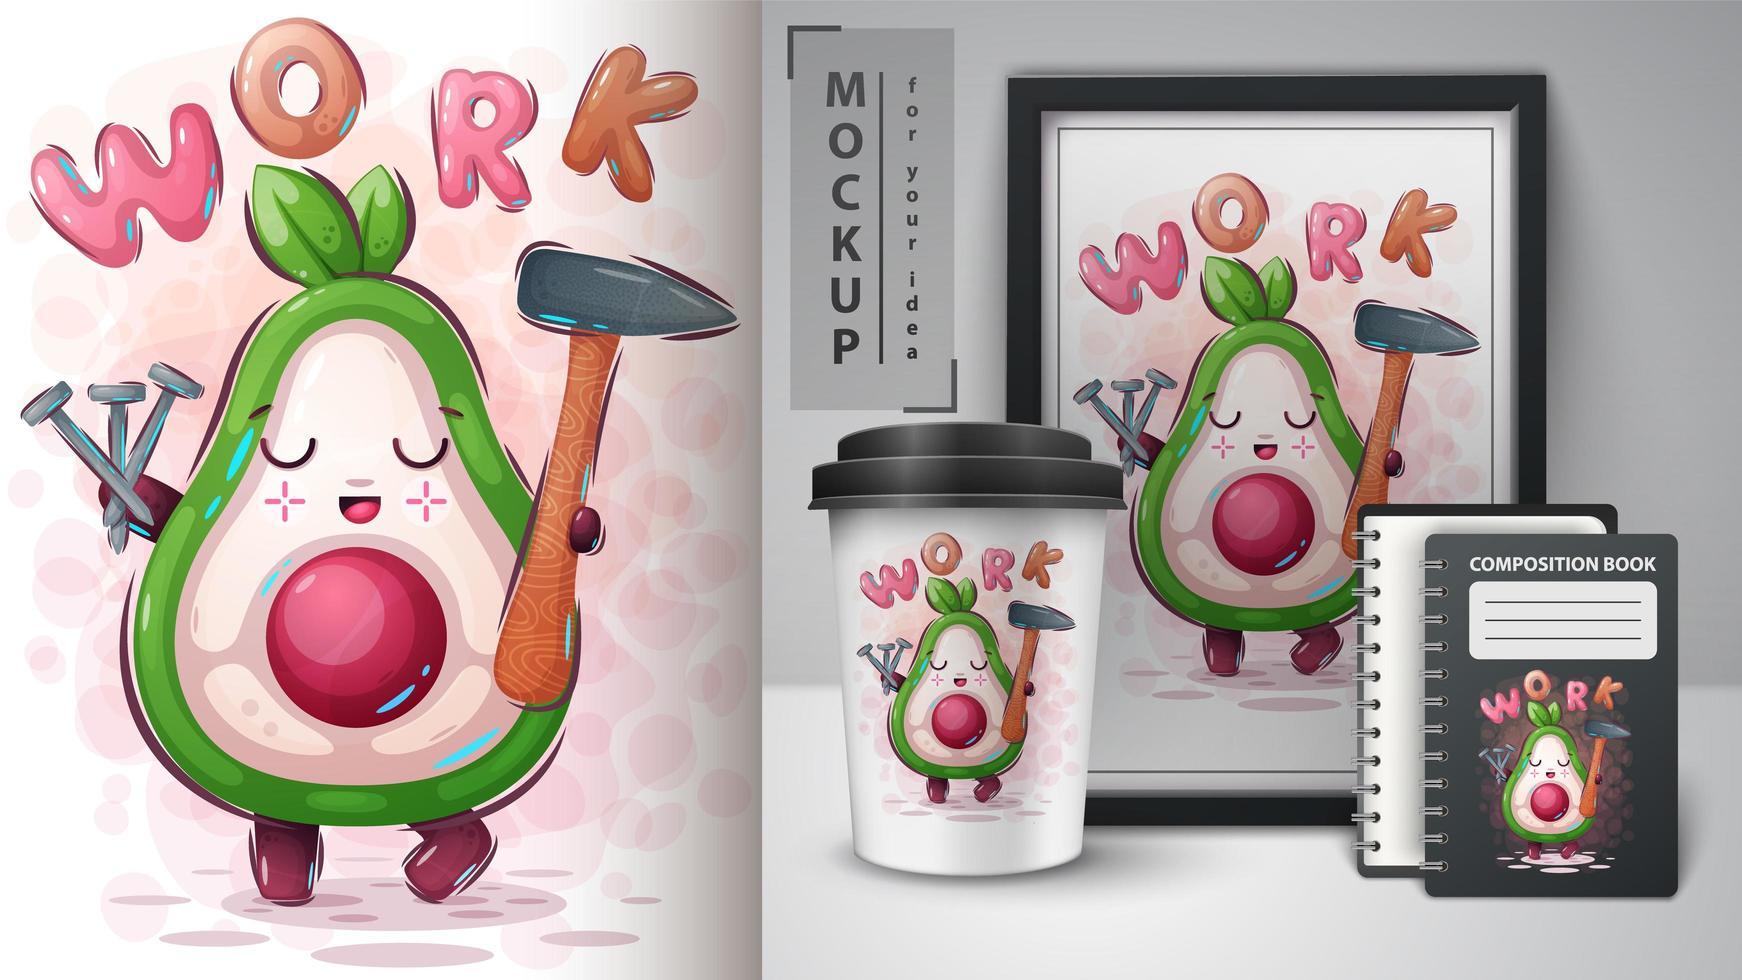 Work Avocado Poster and Merchandising vector